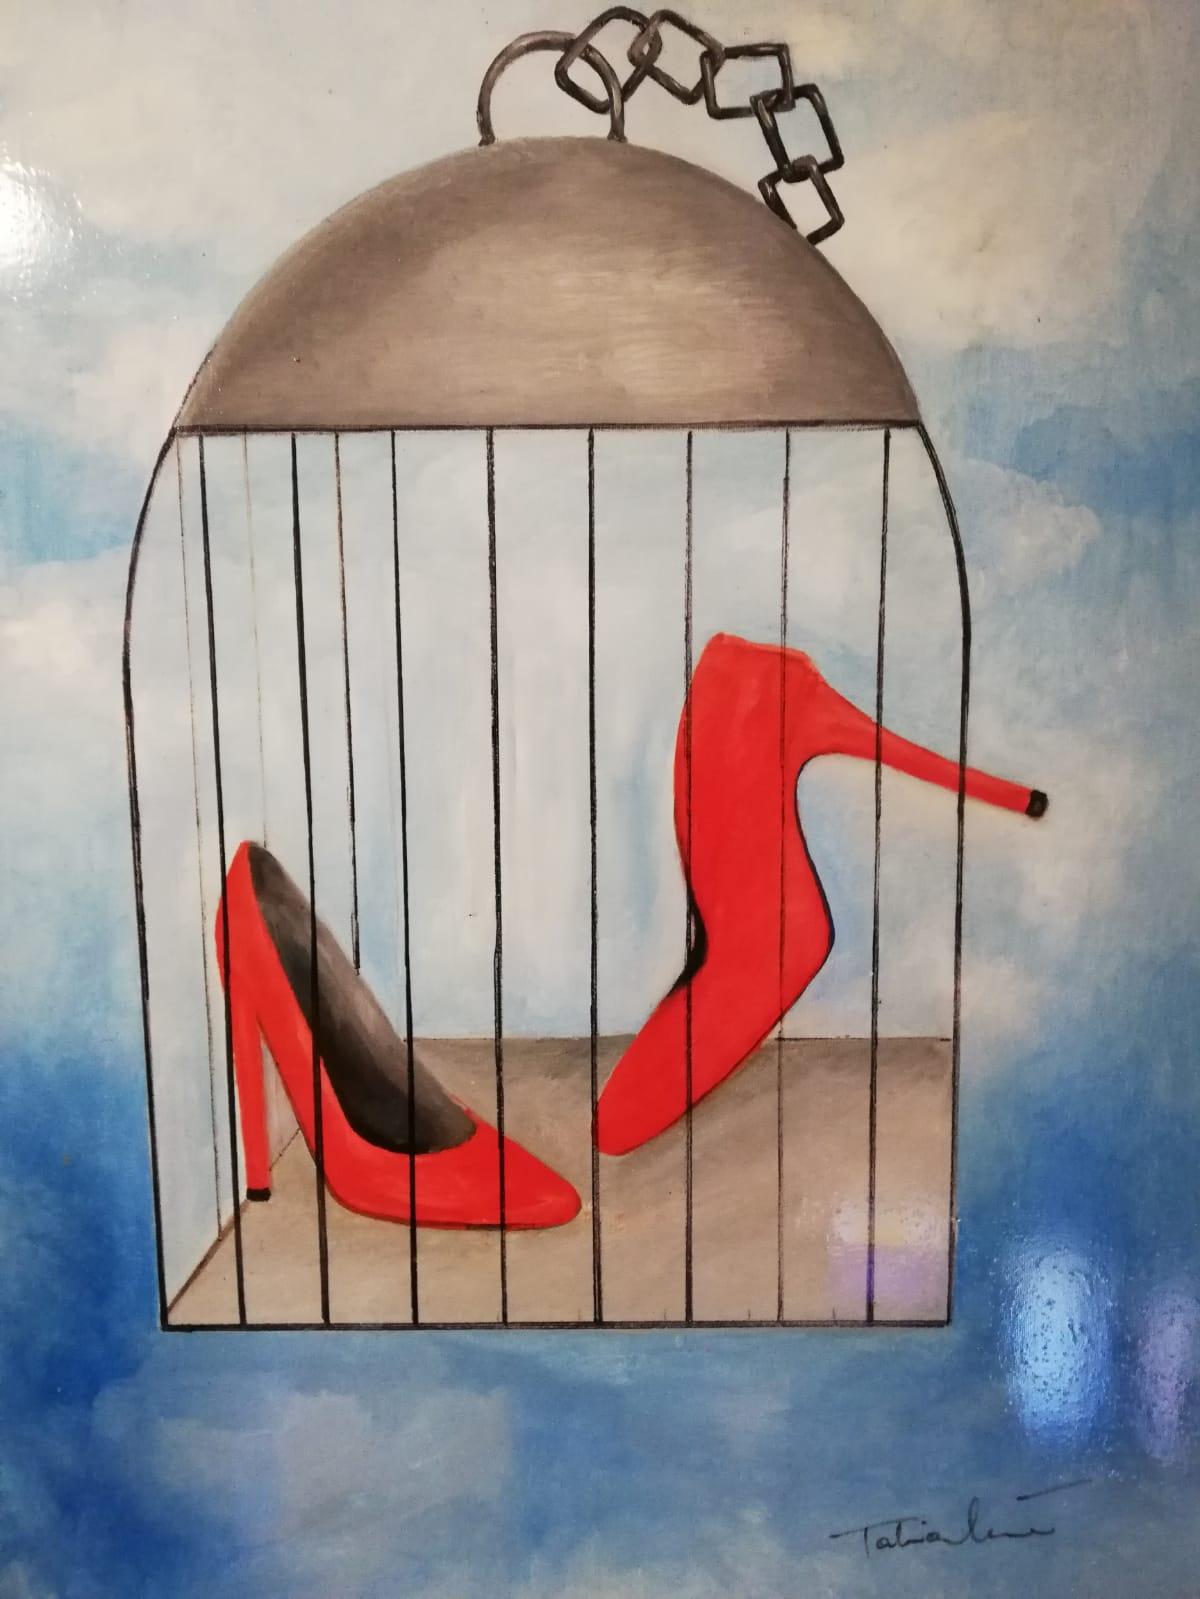 25 novembre – Giornata contro la violenza sulle donne